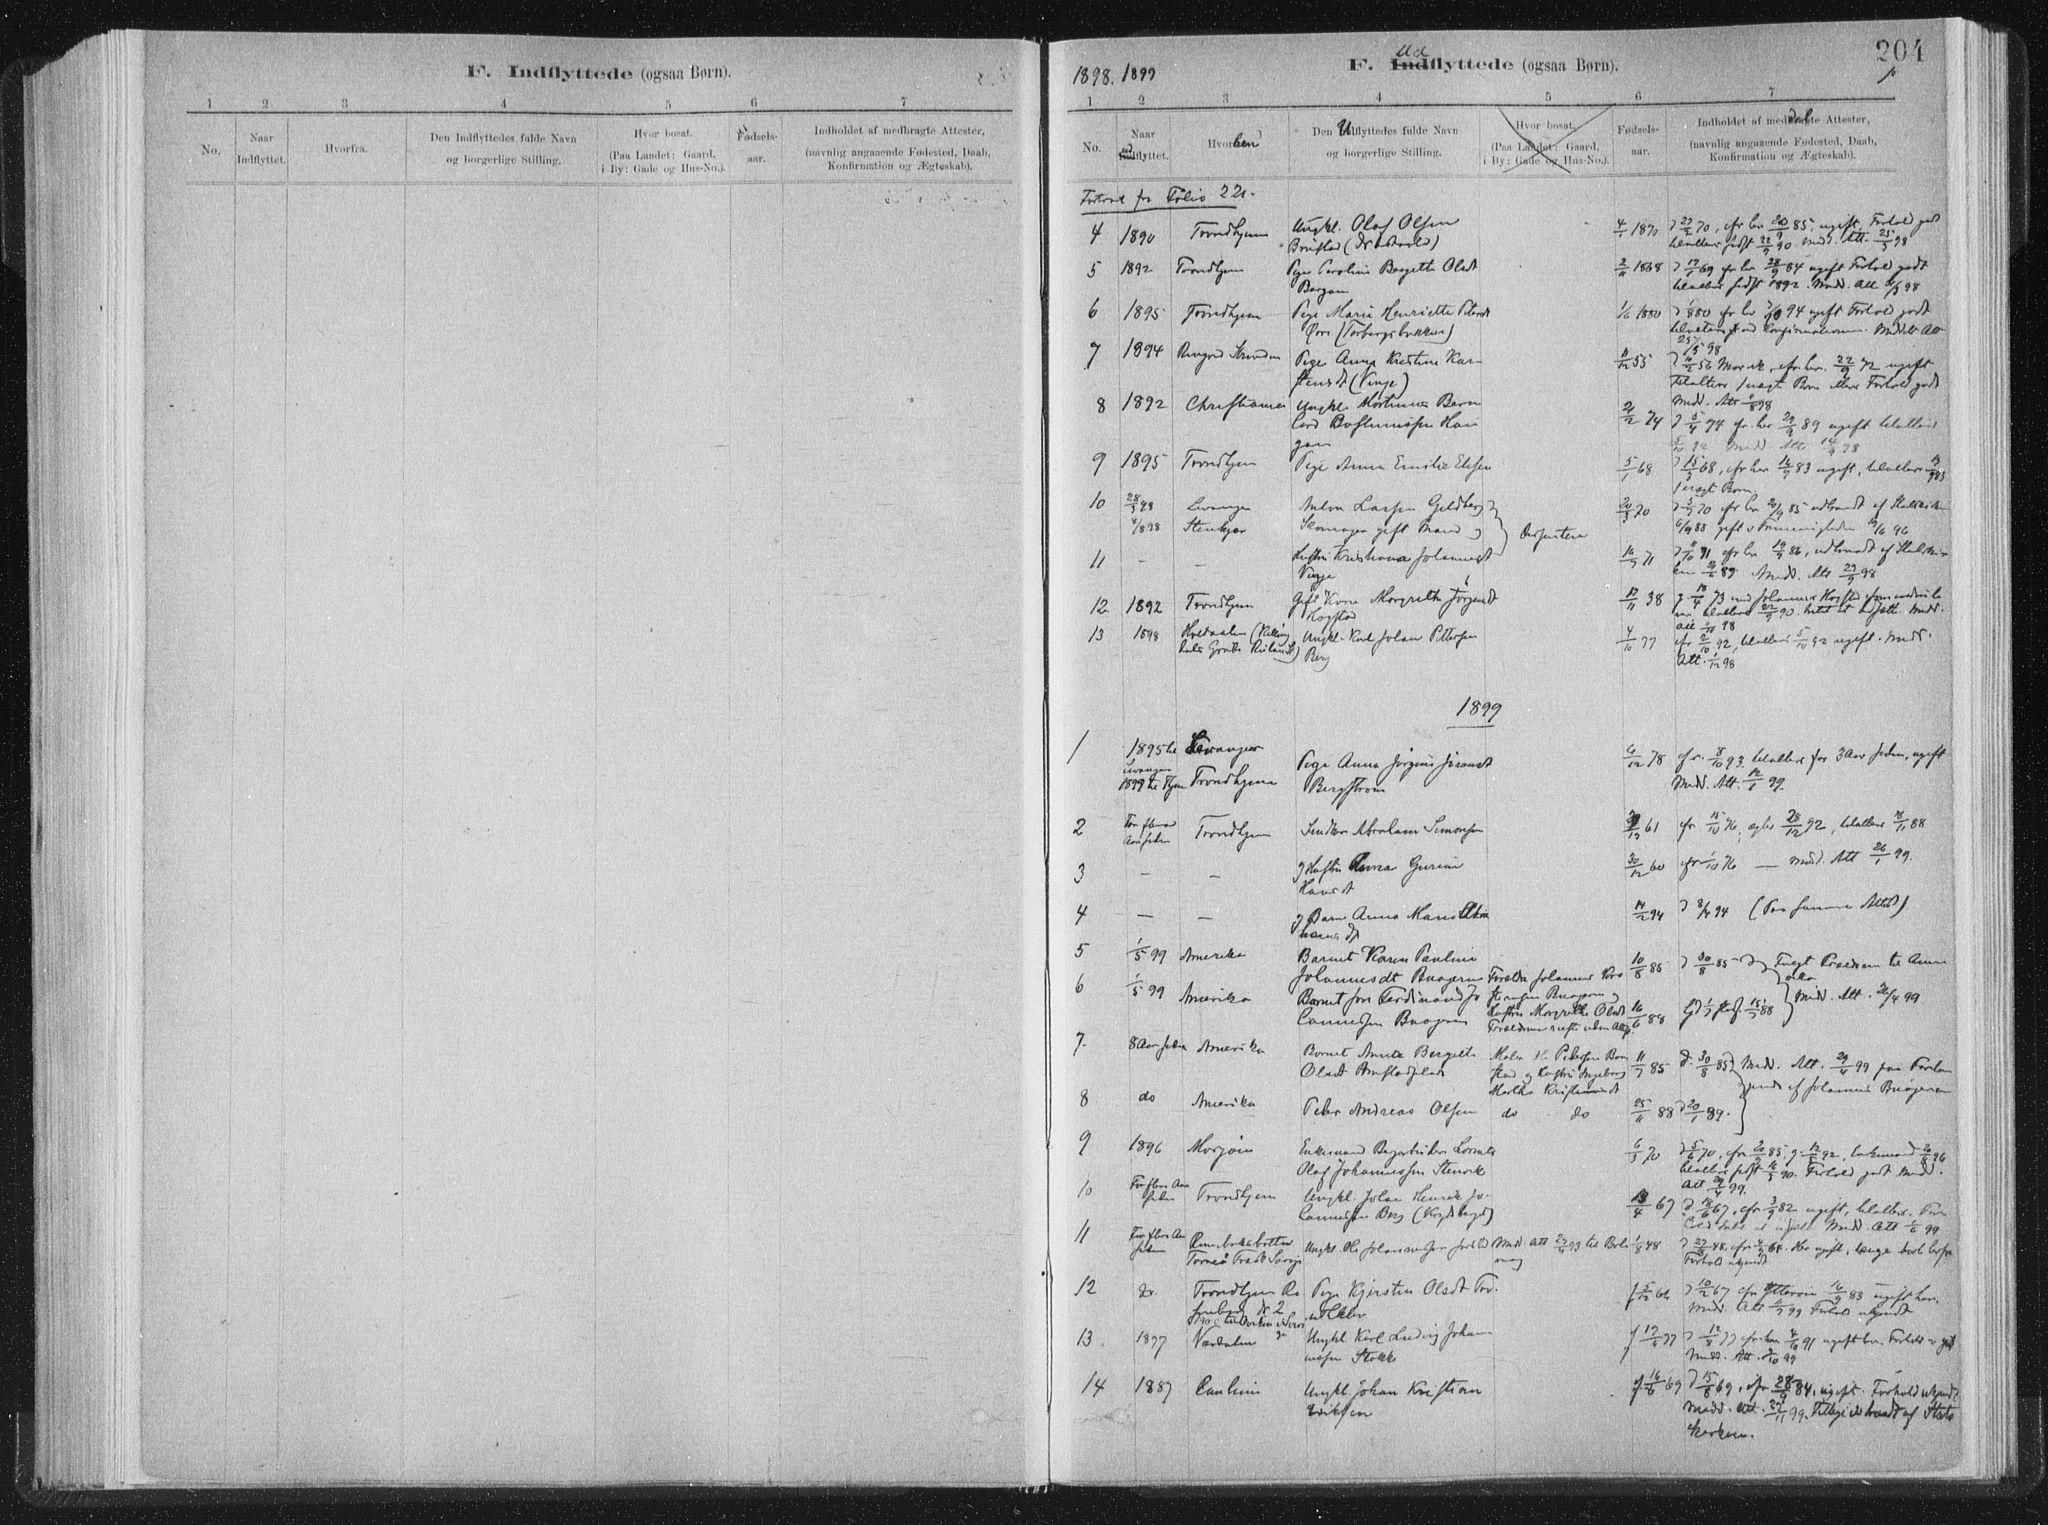 SAT, Ministerialprotokoller, klokkerbøker og fødselsregistre - Nord-Trøndelag, 722/L0220: Ministerialbok nr. 722A07, 1881-1908, s. 204